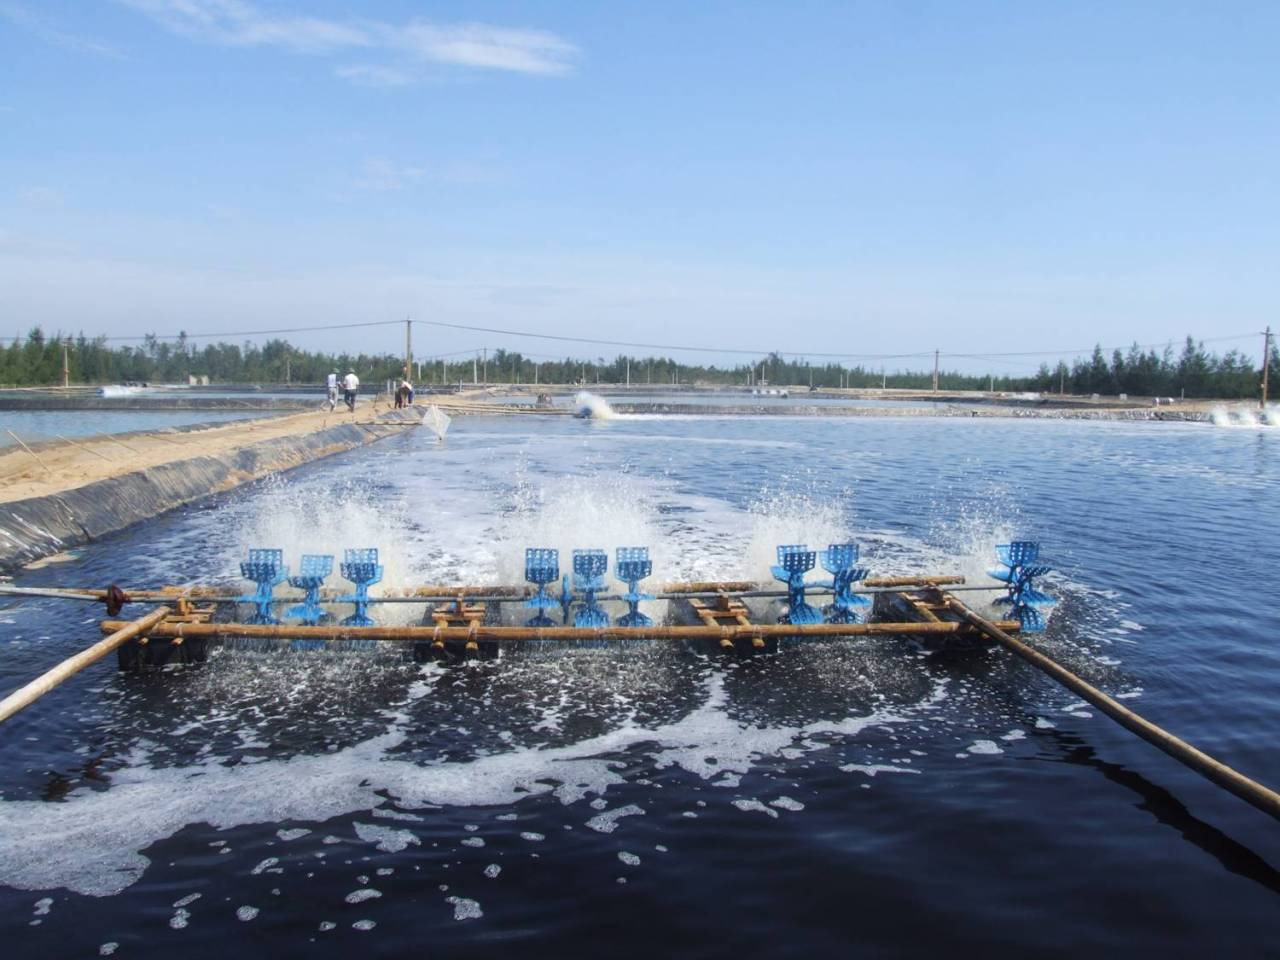 Chế phẩm này rất cần cho các khu nuôi trồng thủy sản. Nguồn ảnh: Thuysan247.